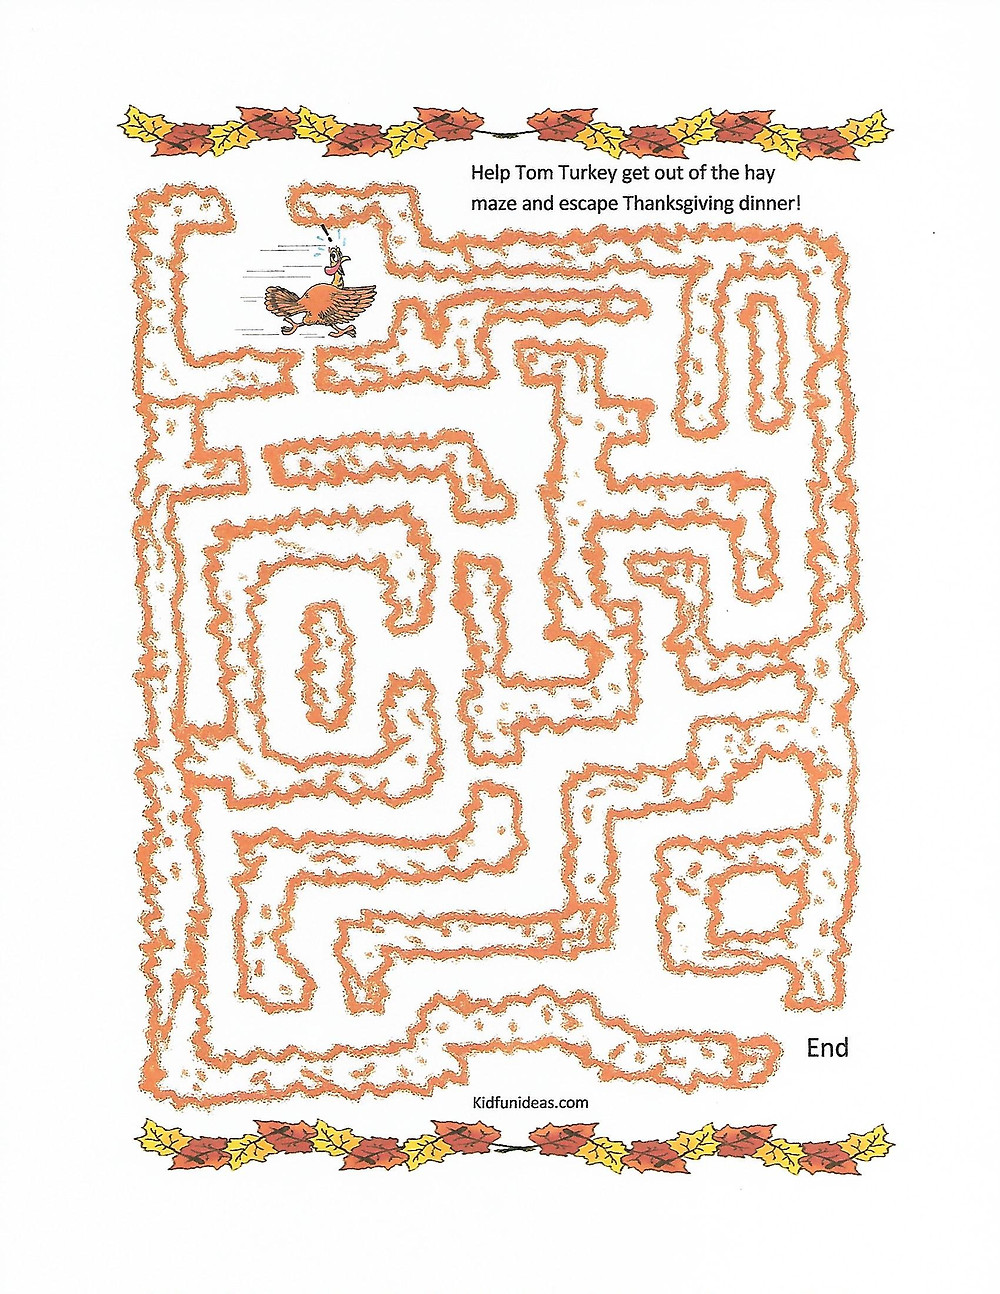 Thanksgiving turkey maze activity for kids